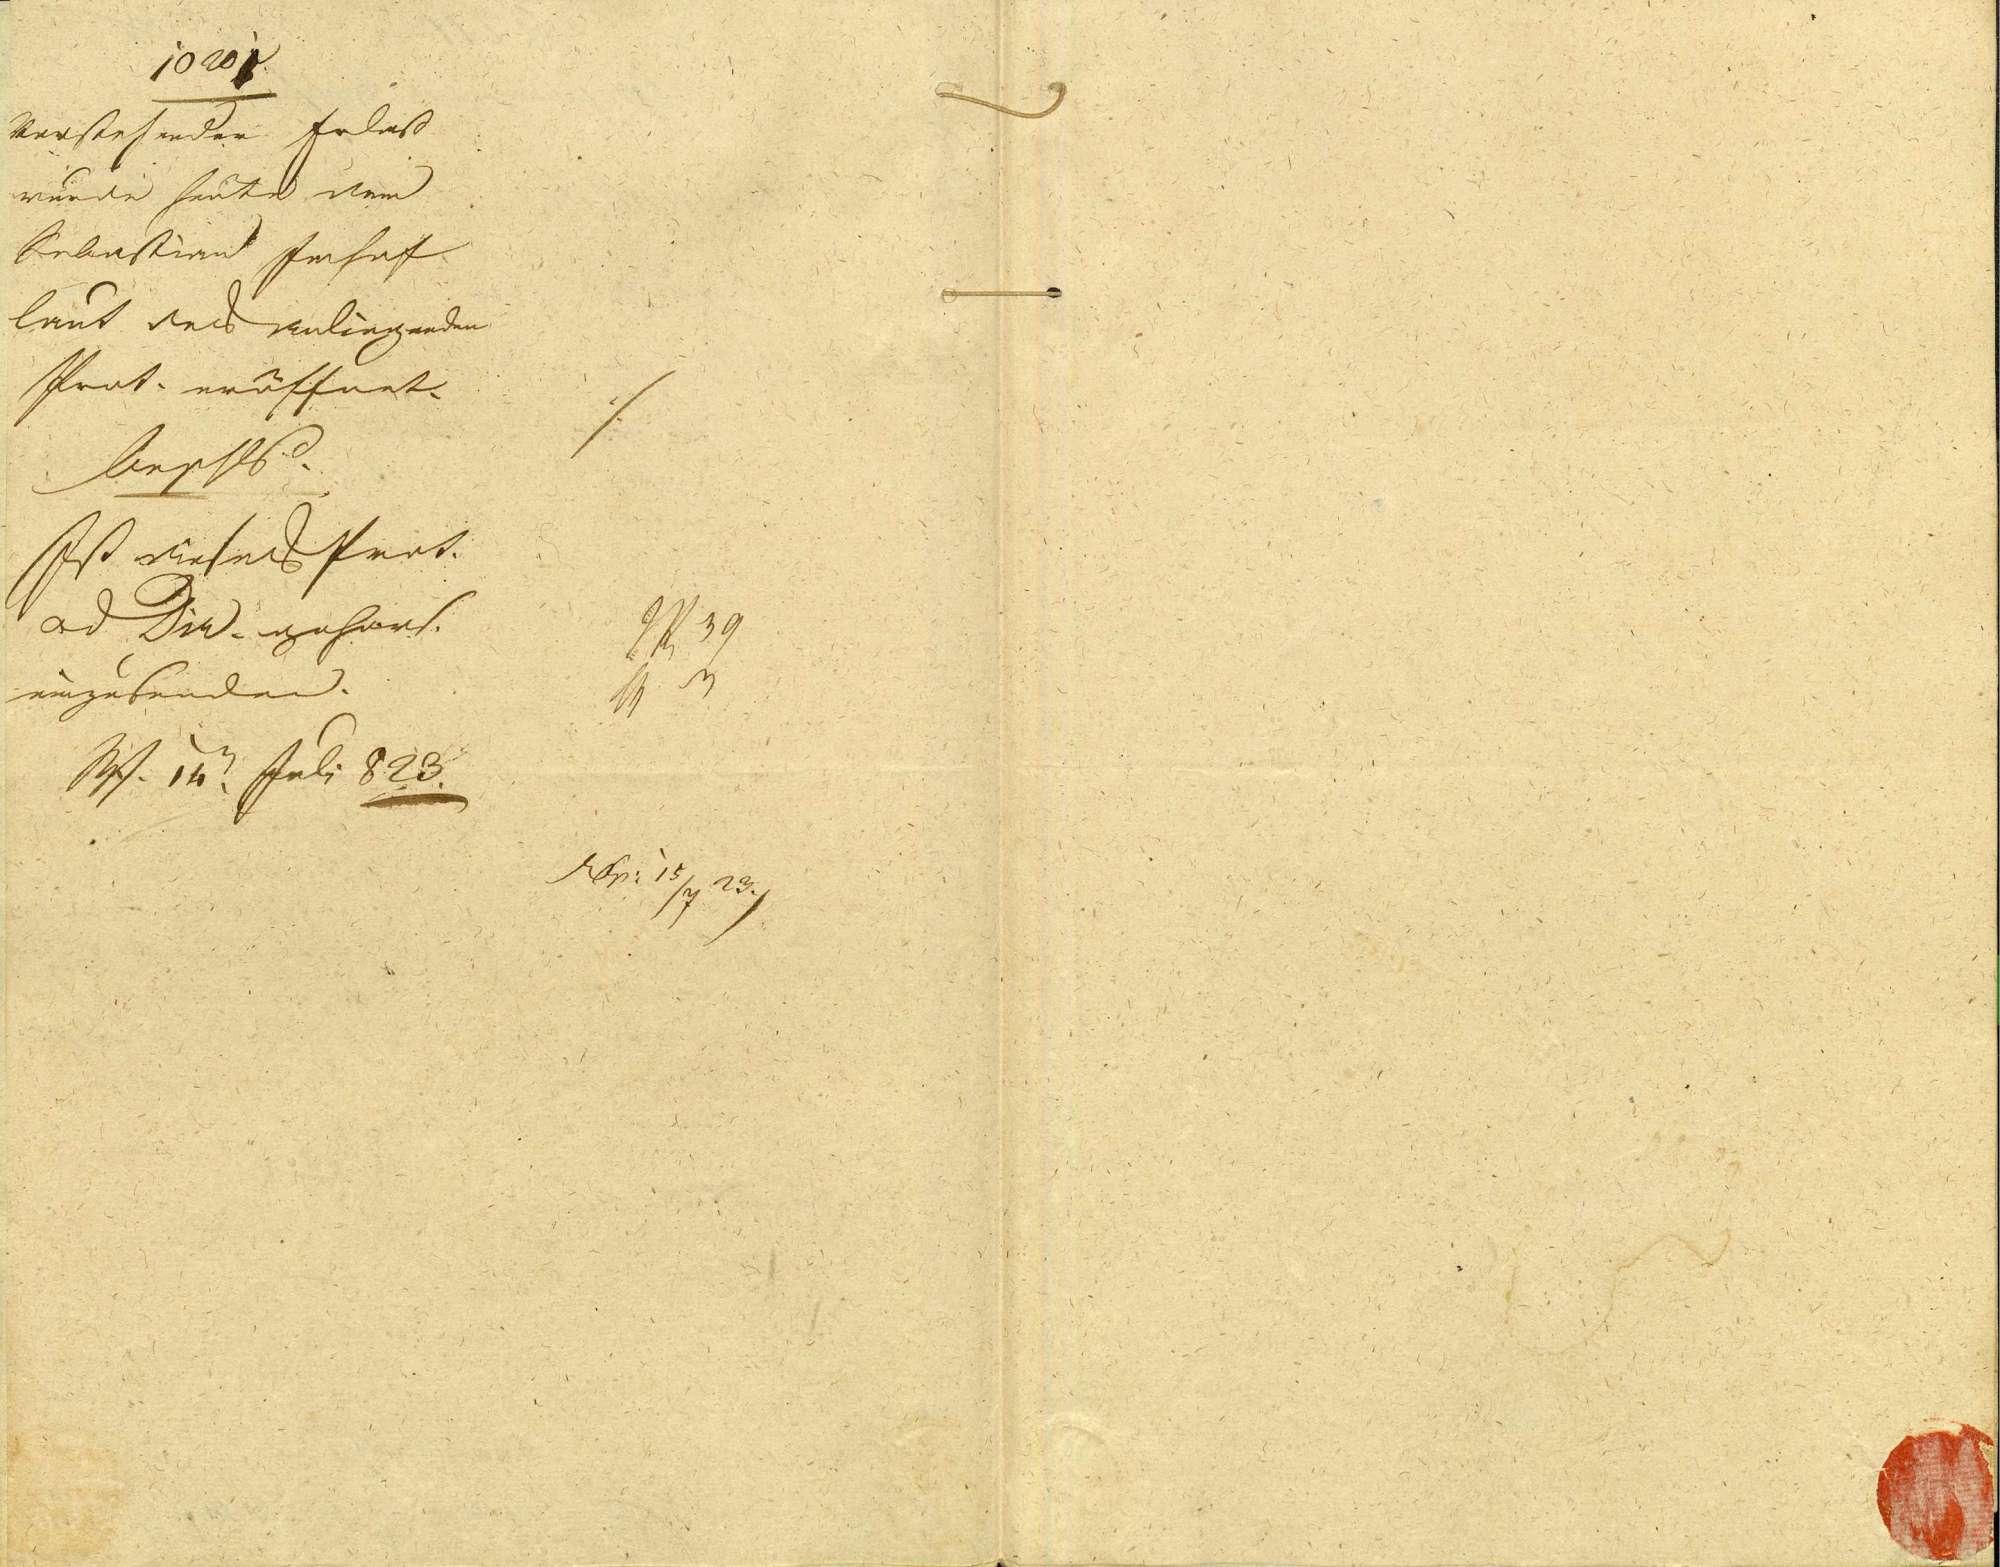 Mutung des der Familie Imhof in Waldshut zugehörigen Lehens, bestehend in 8 Stück Korngelder von der Mühle in der Halden, einem liegenden Gut zu Wallen in der Baar und dem Hof zu Geislingen, Bild 3